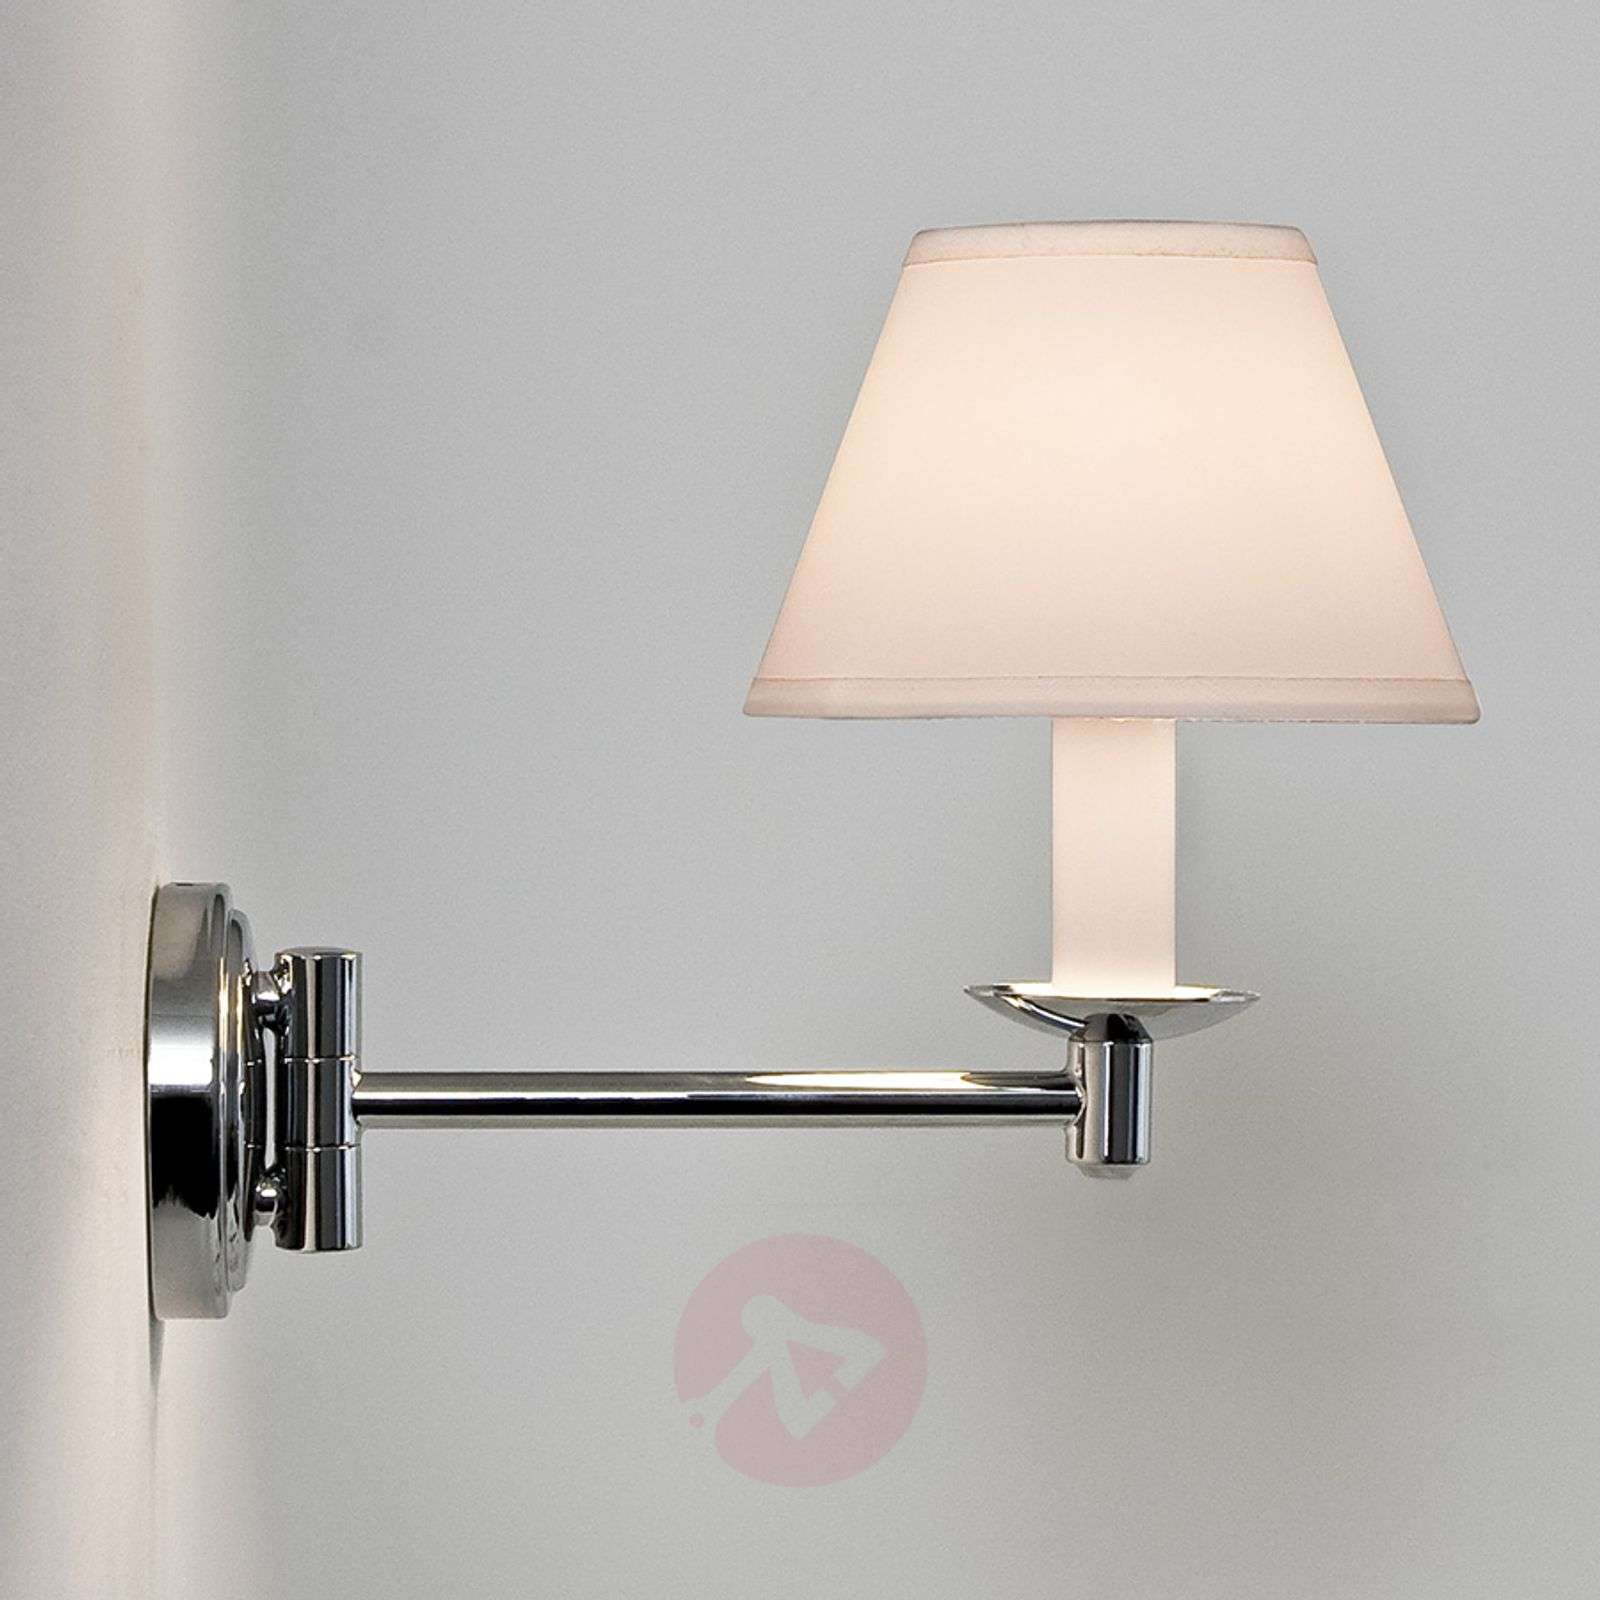 Grosvenor-peilivalaisin kylpyhuoneeseen-1020456-05